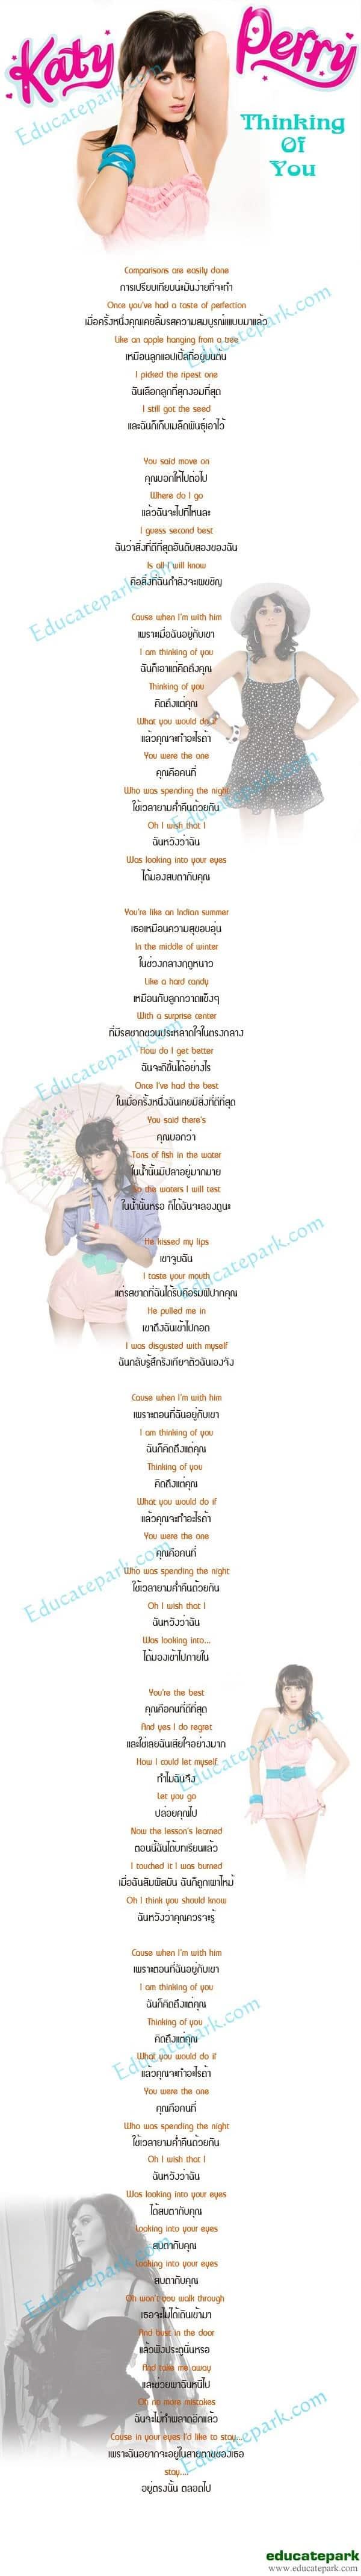 แปลเพลง Thinking Of You - Katy Perry